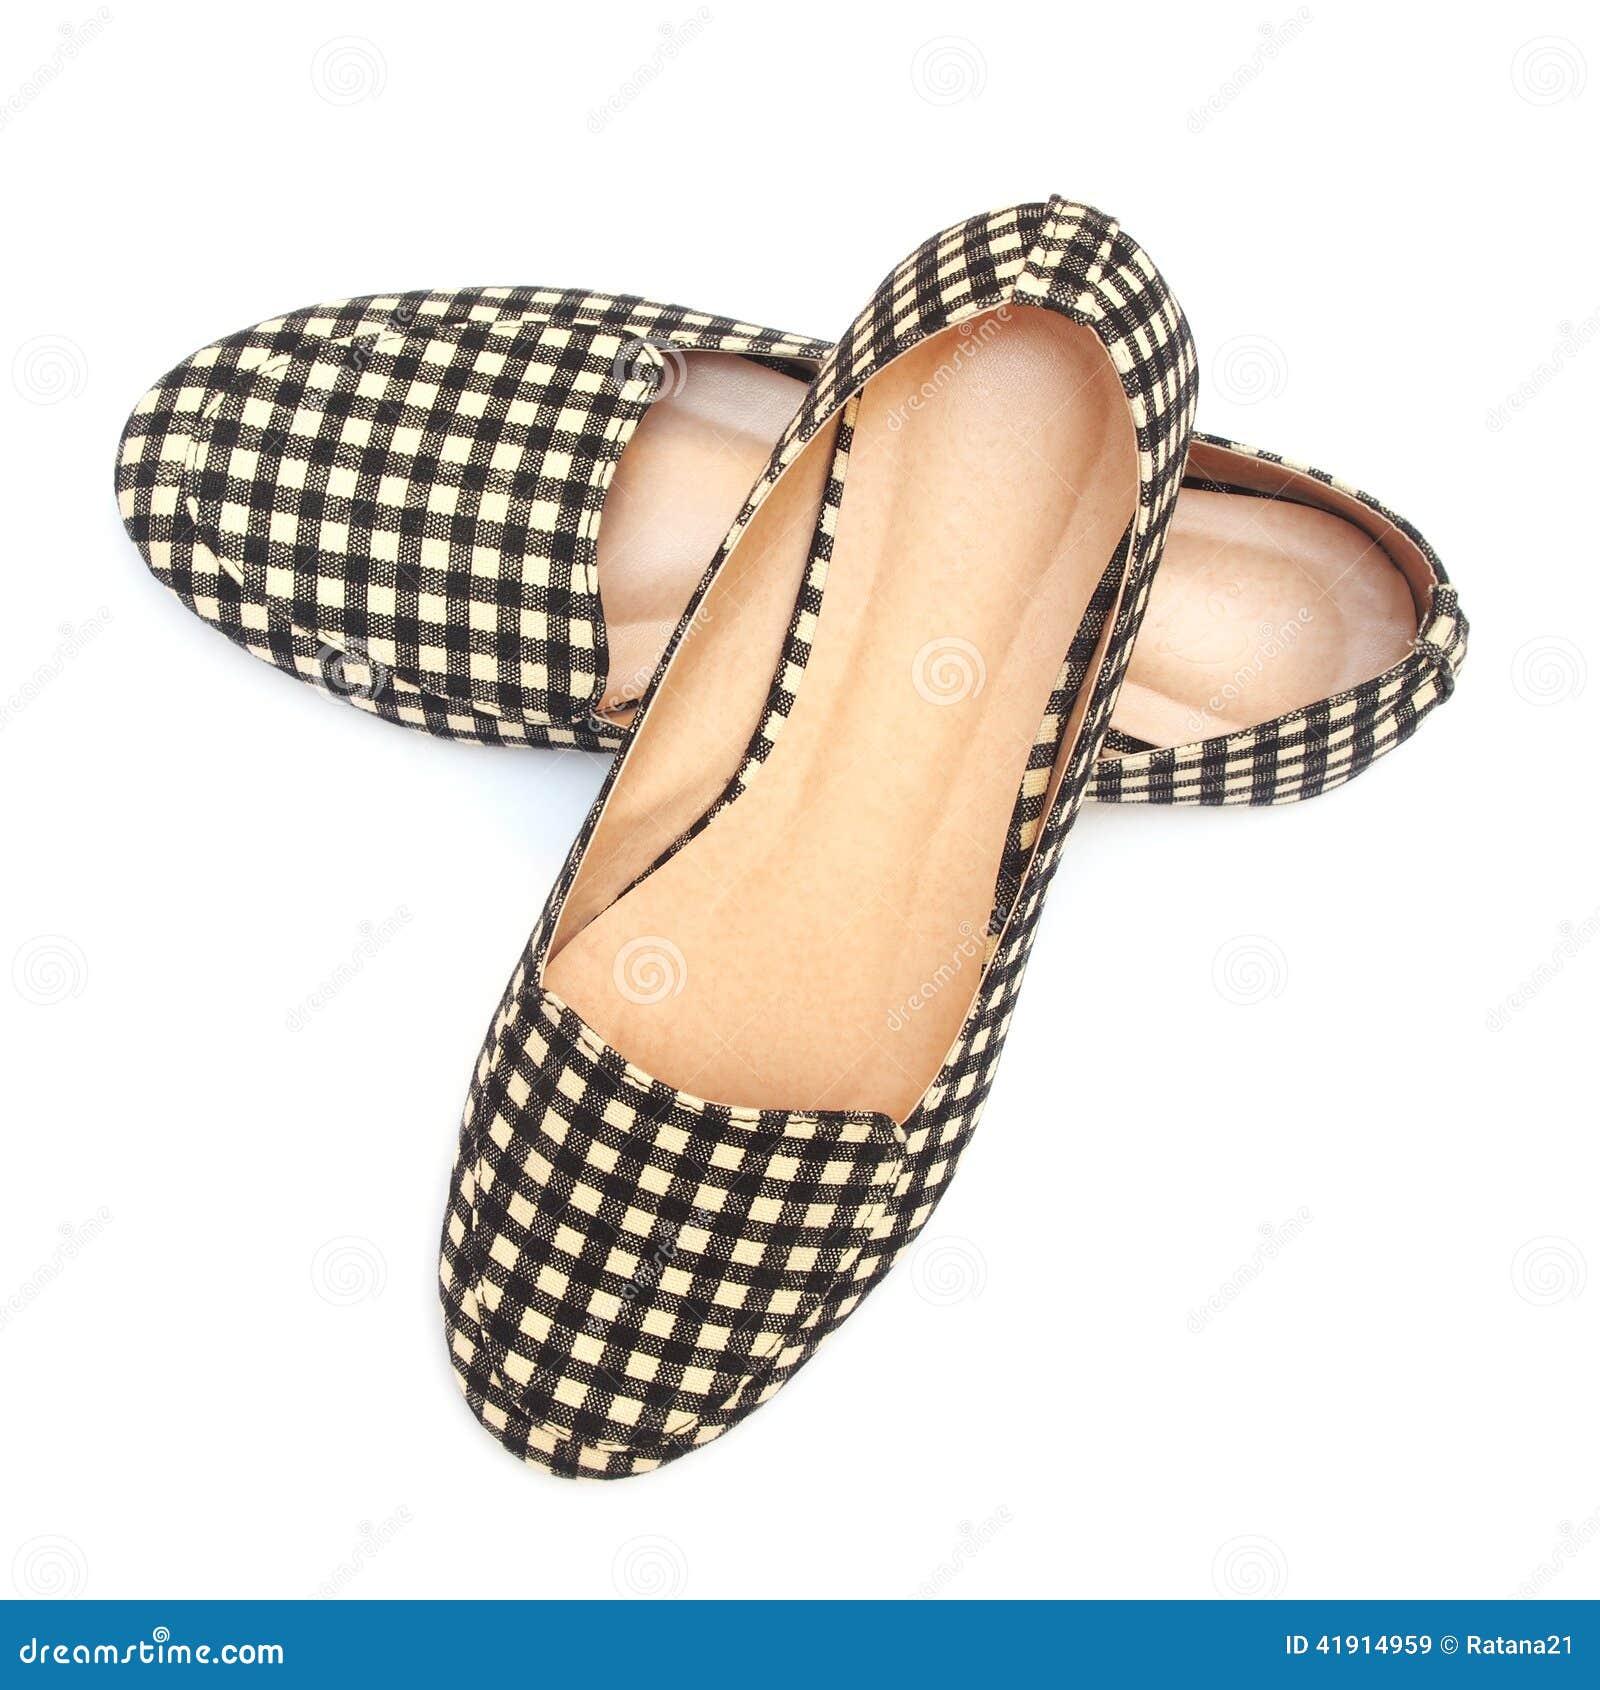 Los zapatos de la señora plana con el modelo a cuadros